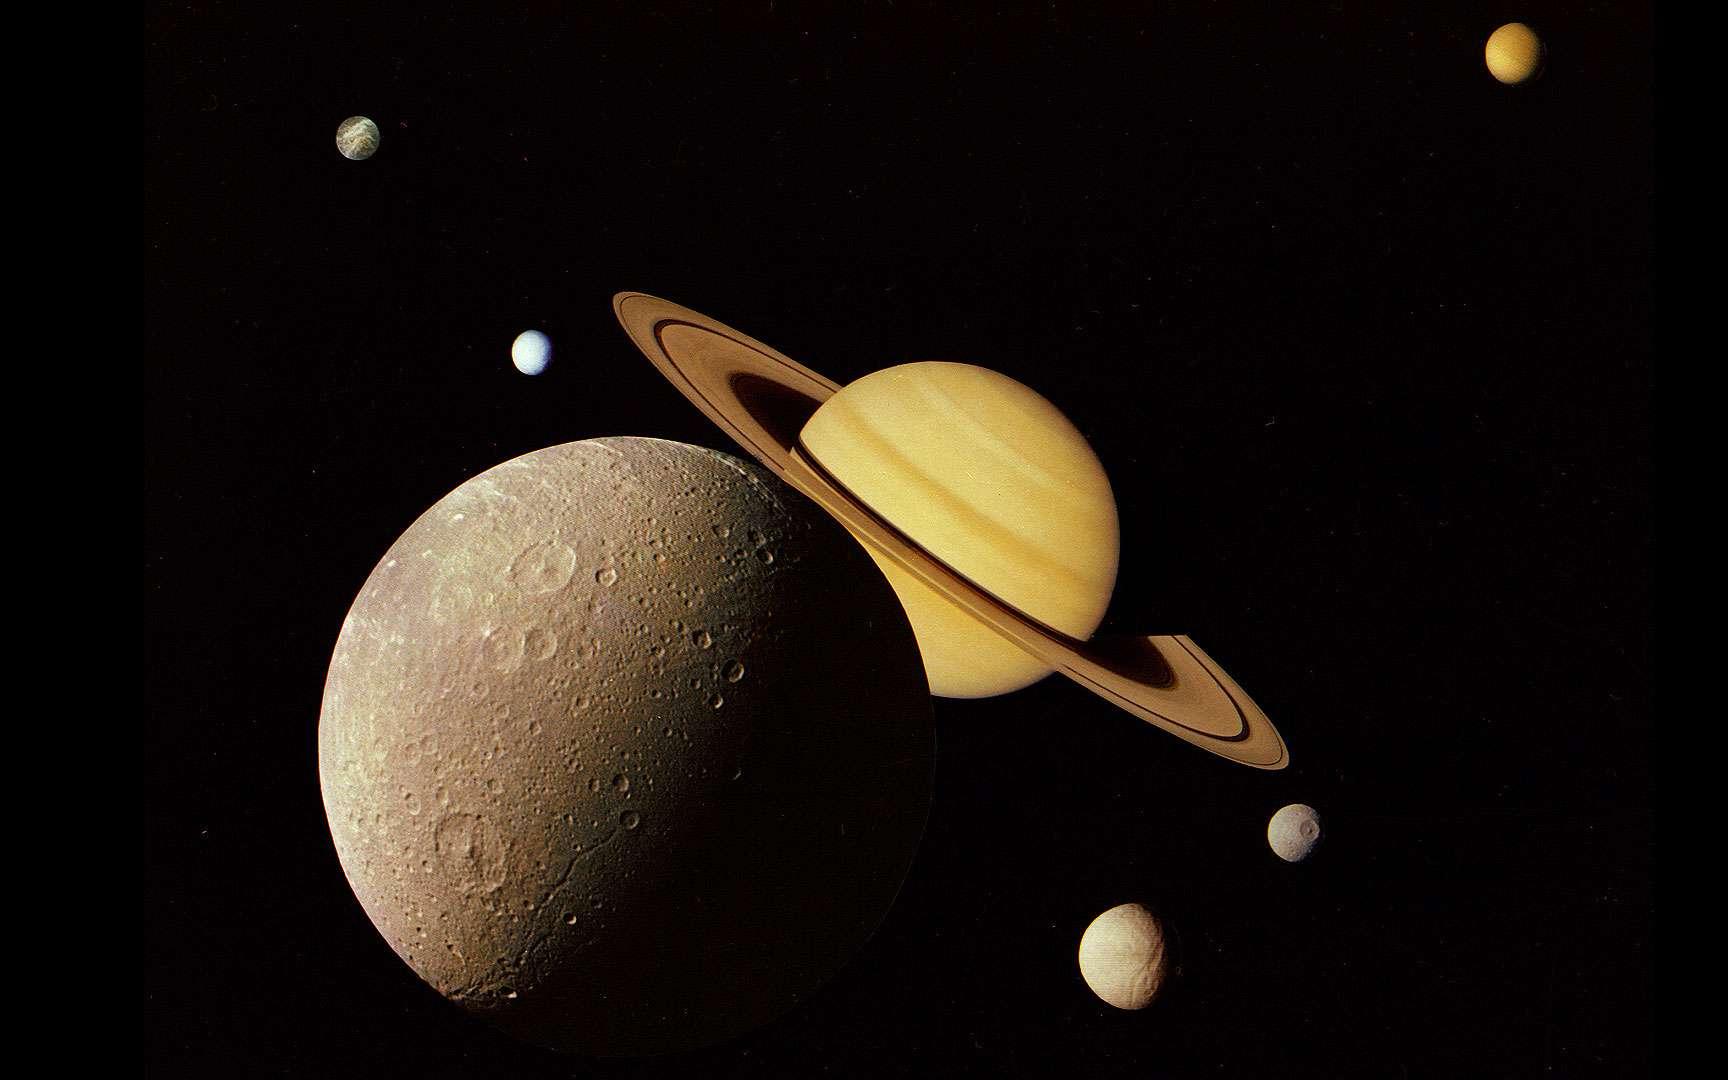 Dioné. Dioné est un des satellites de Saturne, sa taille dépasse 1000 km : http://saturn.jpl.nasa.gov/cgi-bin/gs2.cgi?path=../multimedia/images/large-moons/images/PIA06528.jpg&type=image http://sci.esa.int/science-e/www/object/index.cfm?fobjectid=35229&fbodylongid=1653